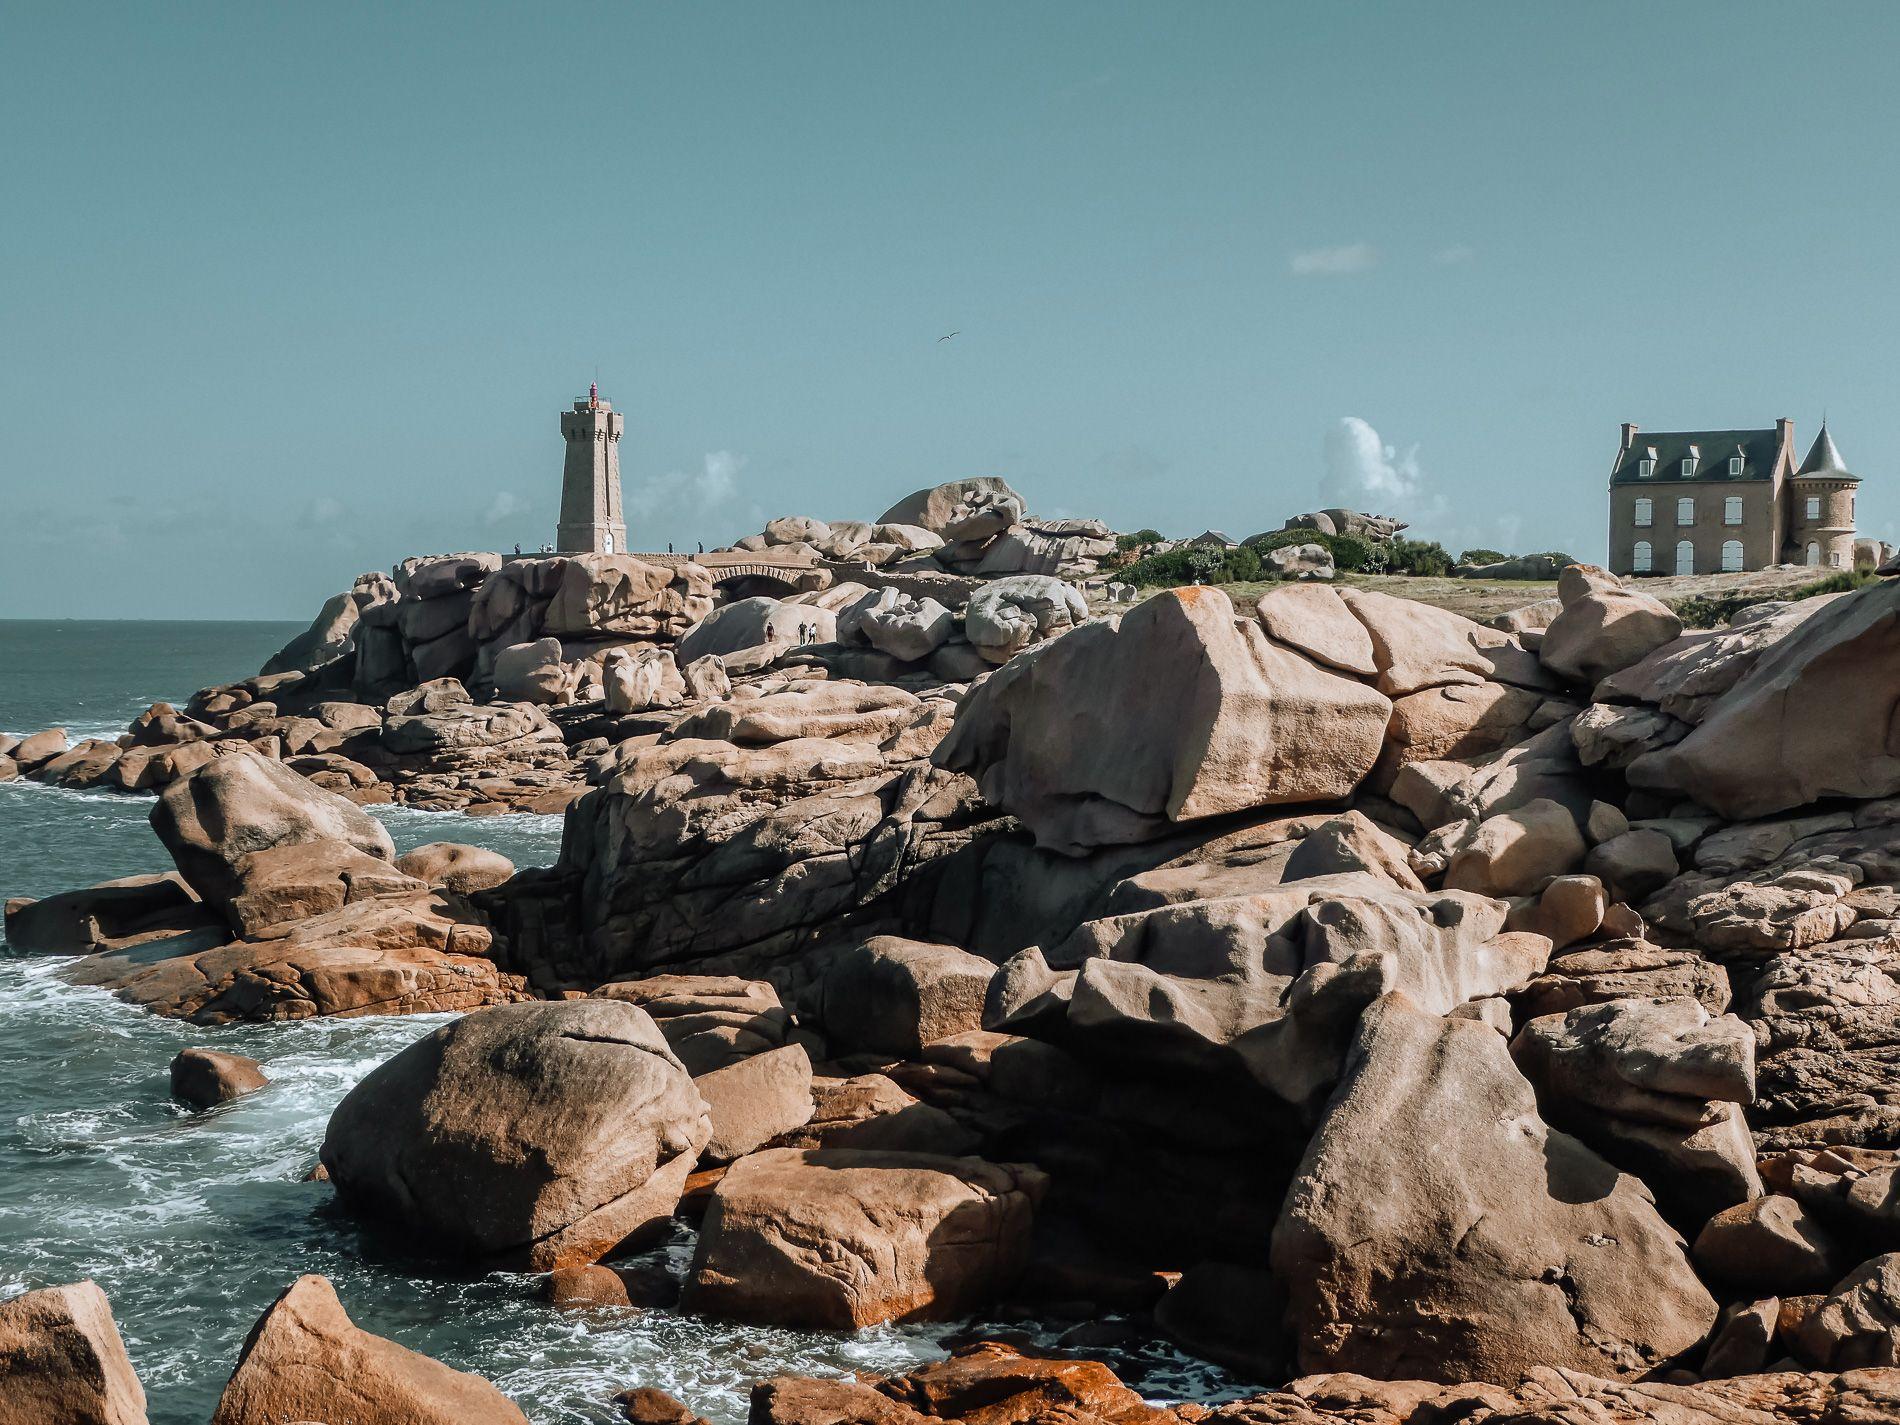 Bretagne - cote de granit rose - conseils - mademoiselle - voyage - blog - ploumanac'h